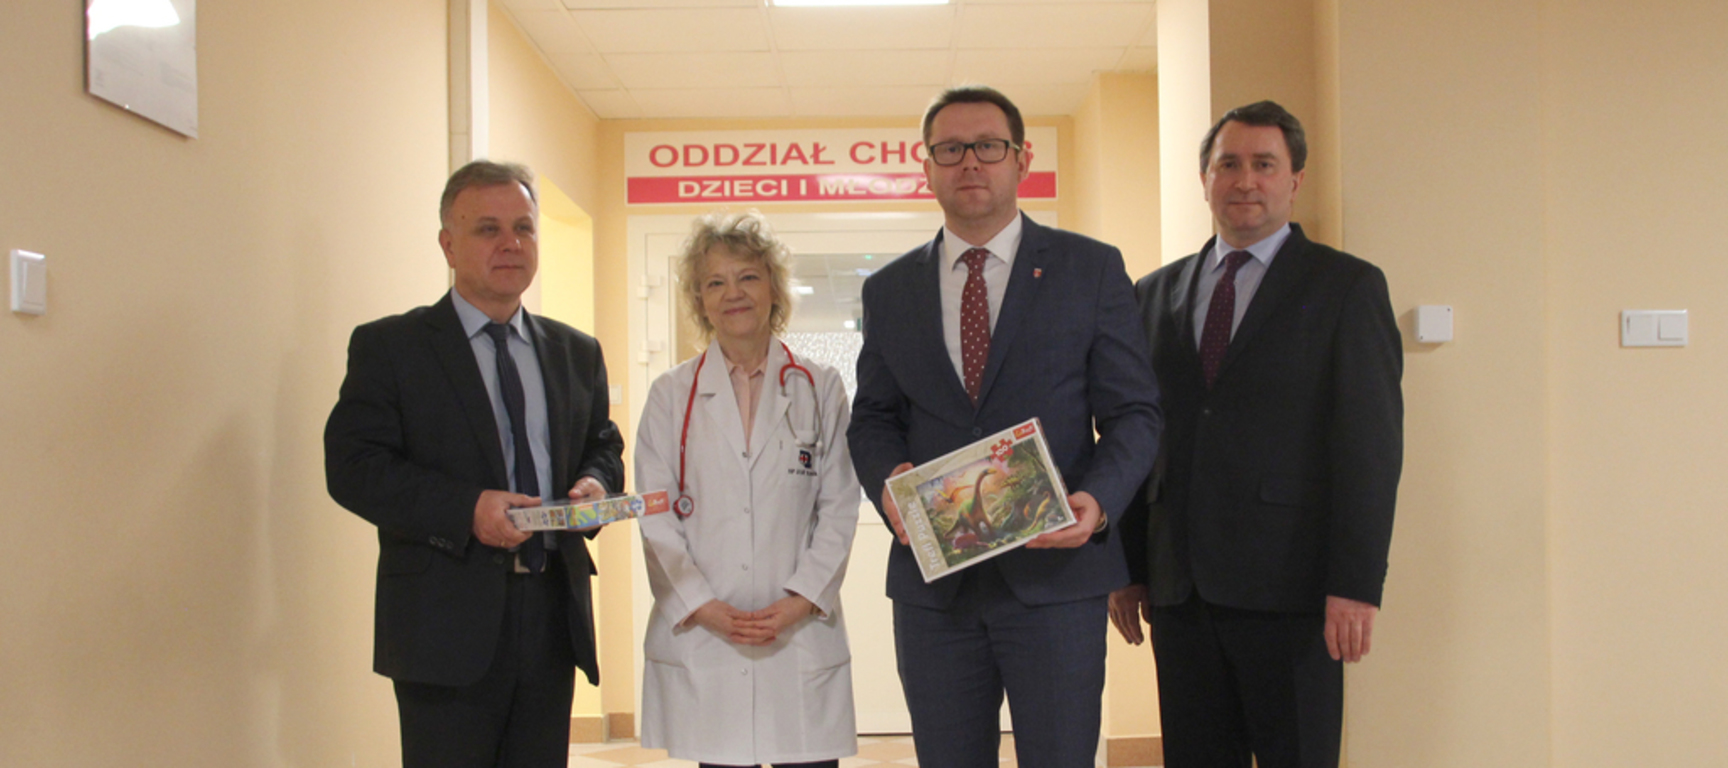 Na zdjęciu Starosta Kraśnicki Krzysztof Staruch, Ordynator Oddziału Chorób Dzieci i Młodzieży Barba (link otworzy duże zdjęcie)